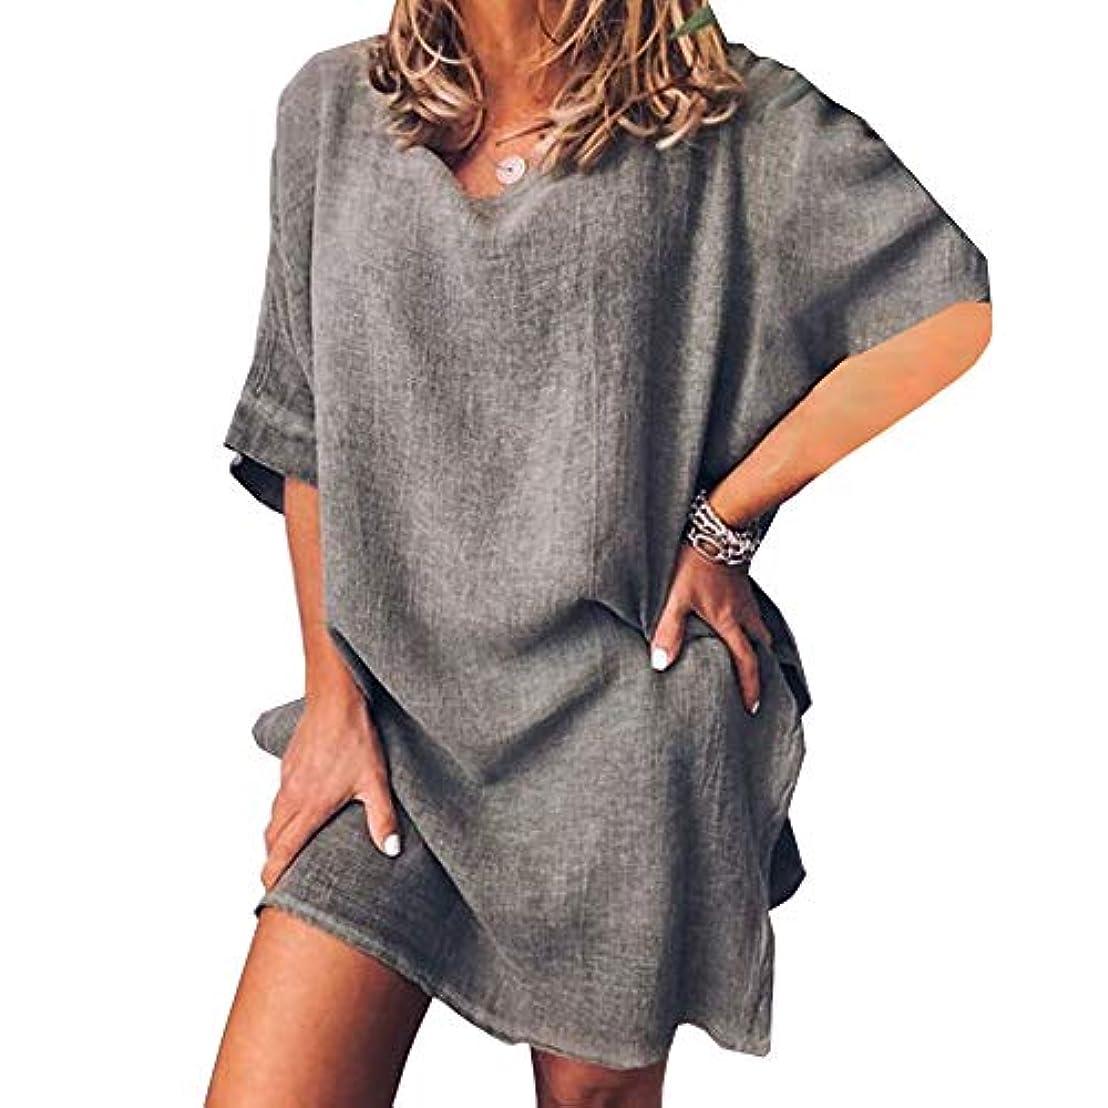 事業蒸留する動詞MIFAN サマードレス、ビーチドレス、ルーズドレス、プラスサイズ、リネンドレス、トップス&ブラウス、女性ドレス、カジュアルドレス